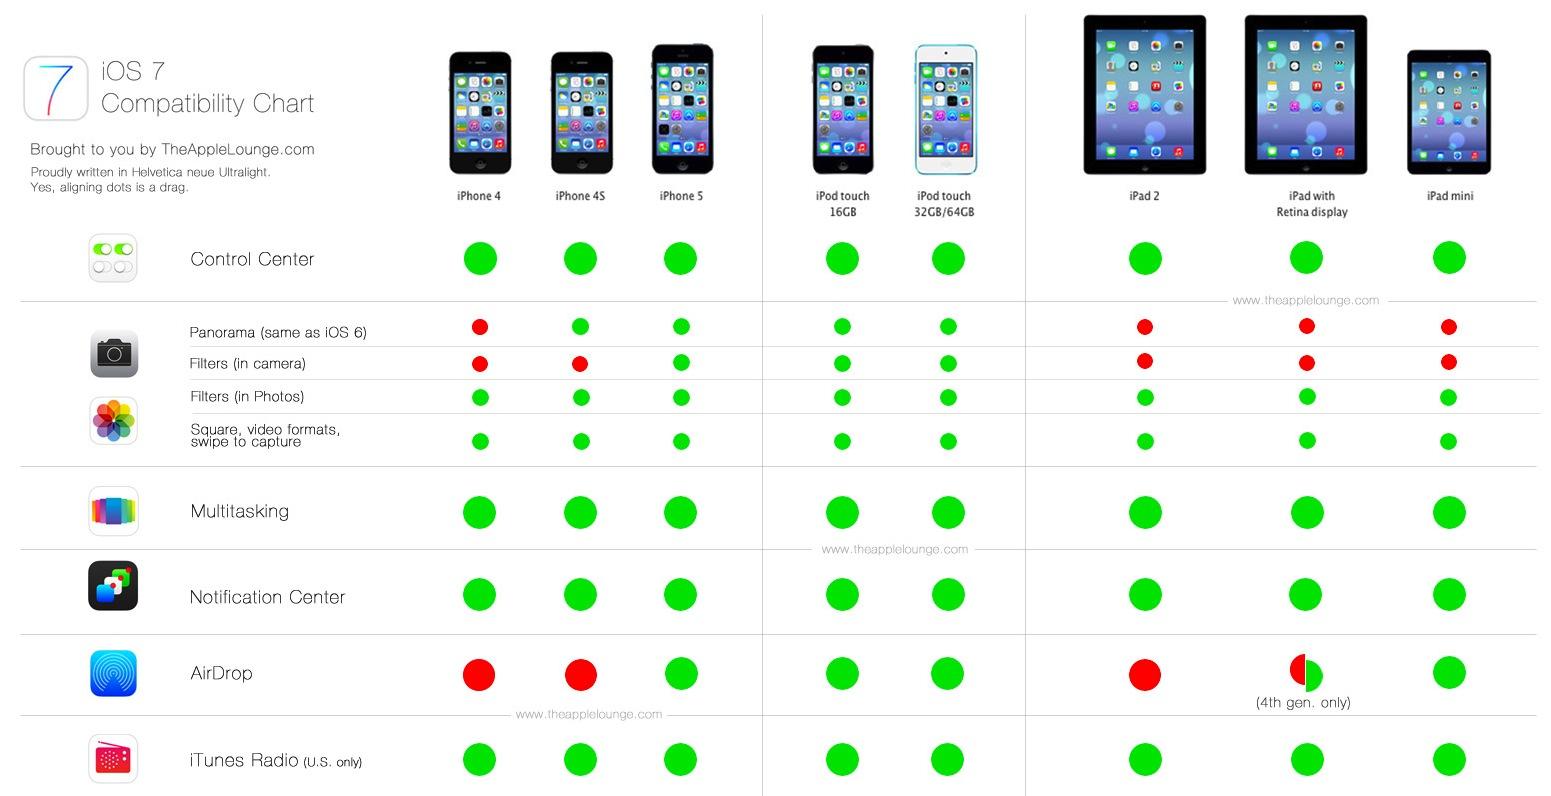 Ios 7 ecco una tabella delle funzioni sui vari dispositivi